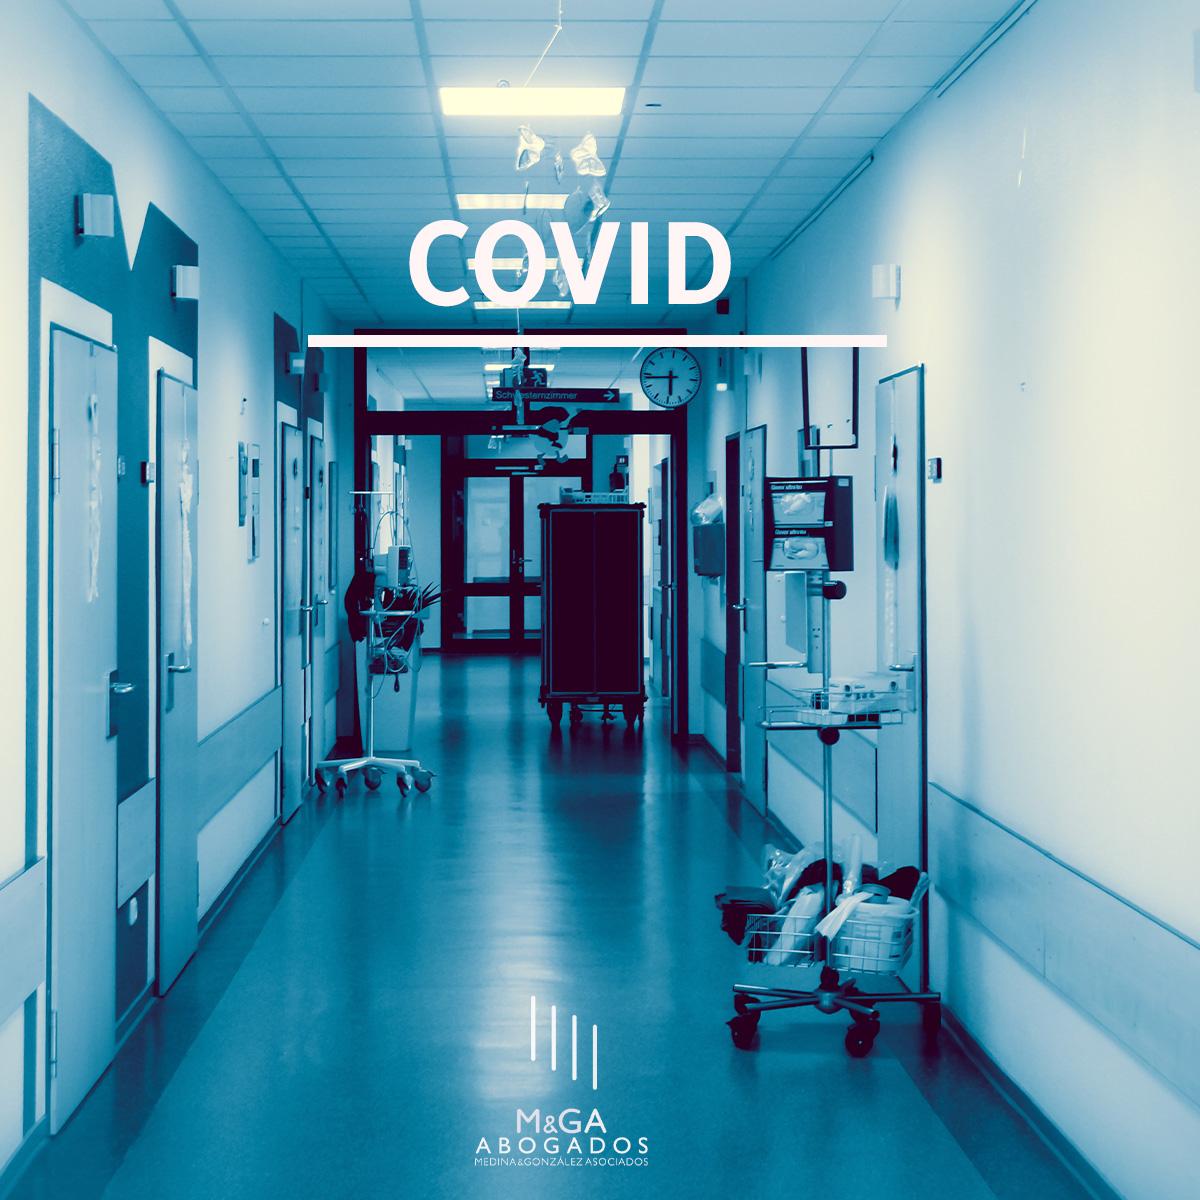 Admitida a trámite una querella por la gestión de un hospital madrileño en el arranque de la pandemia